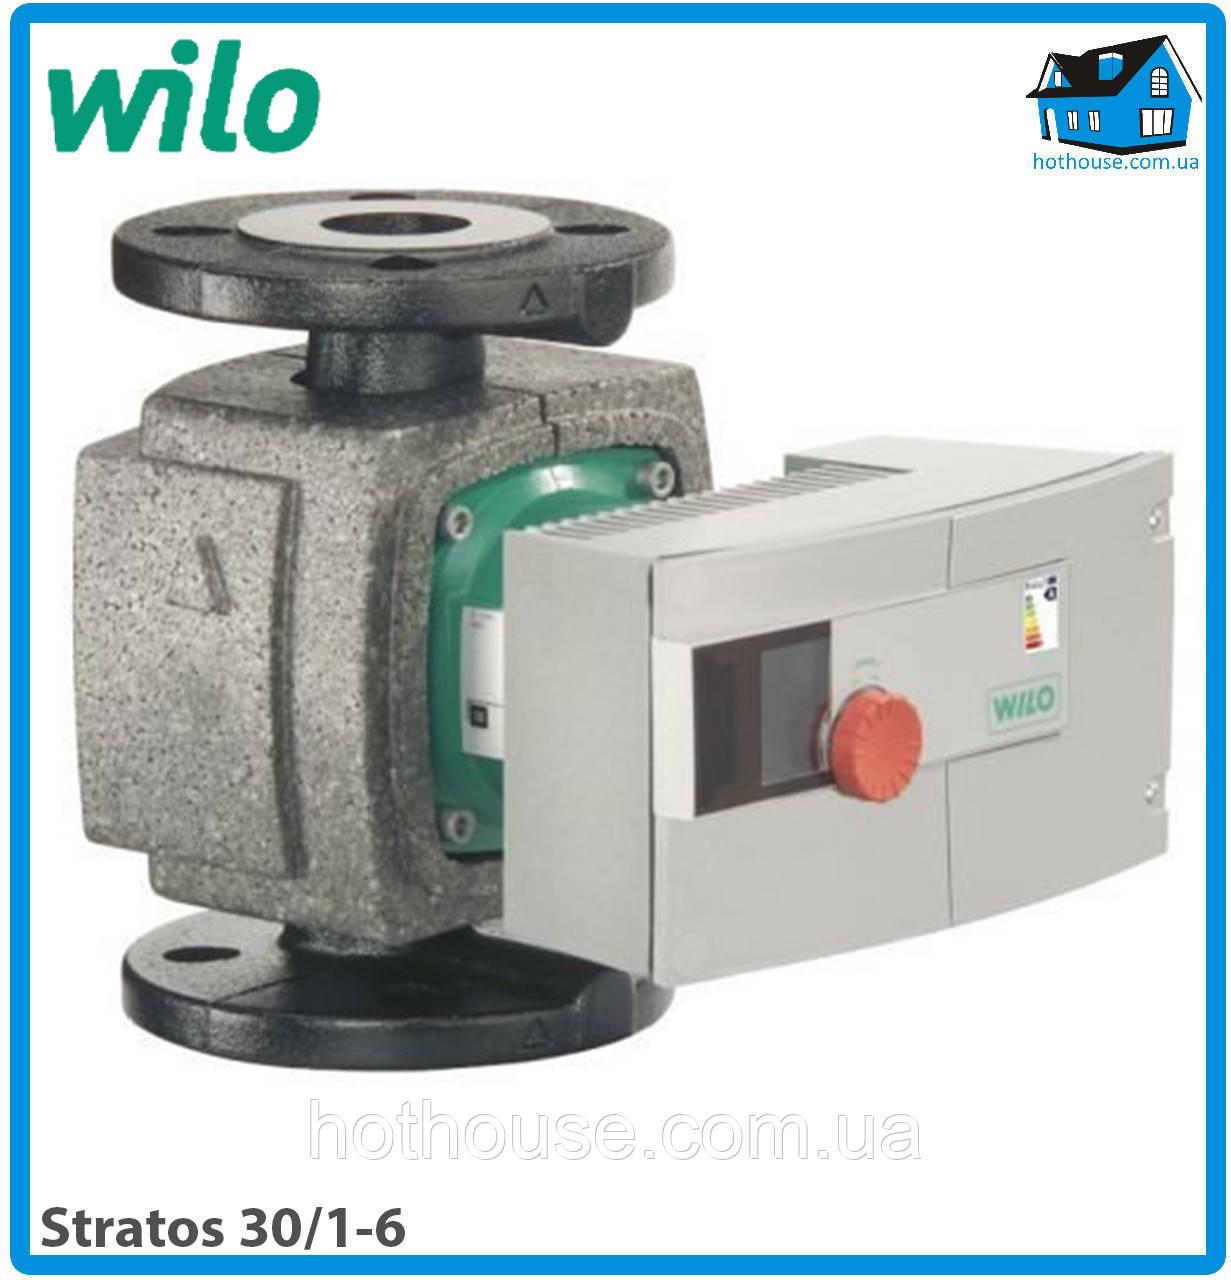 Насос циркуляционный Wilo Stratos 30/1-6 (оригинал)